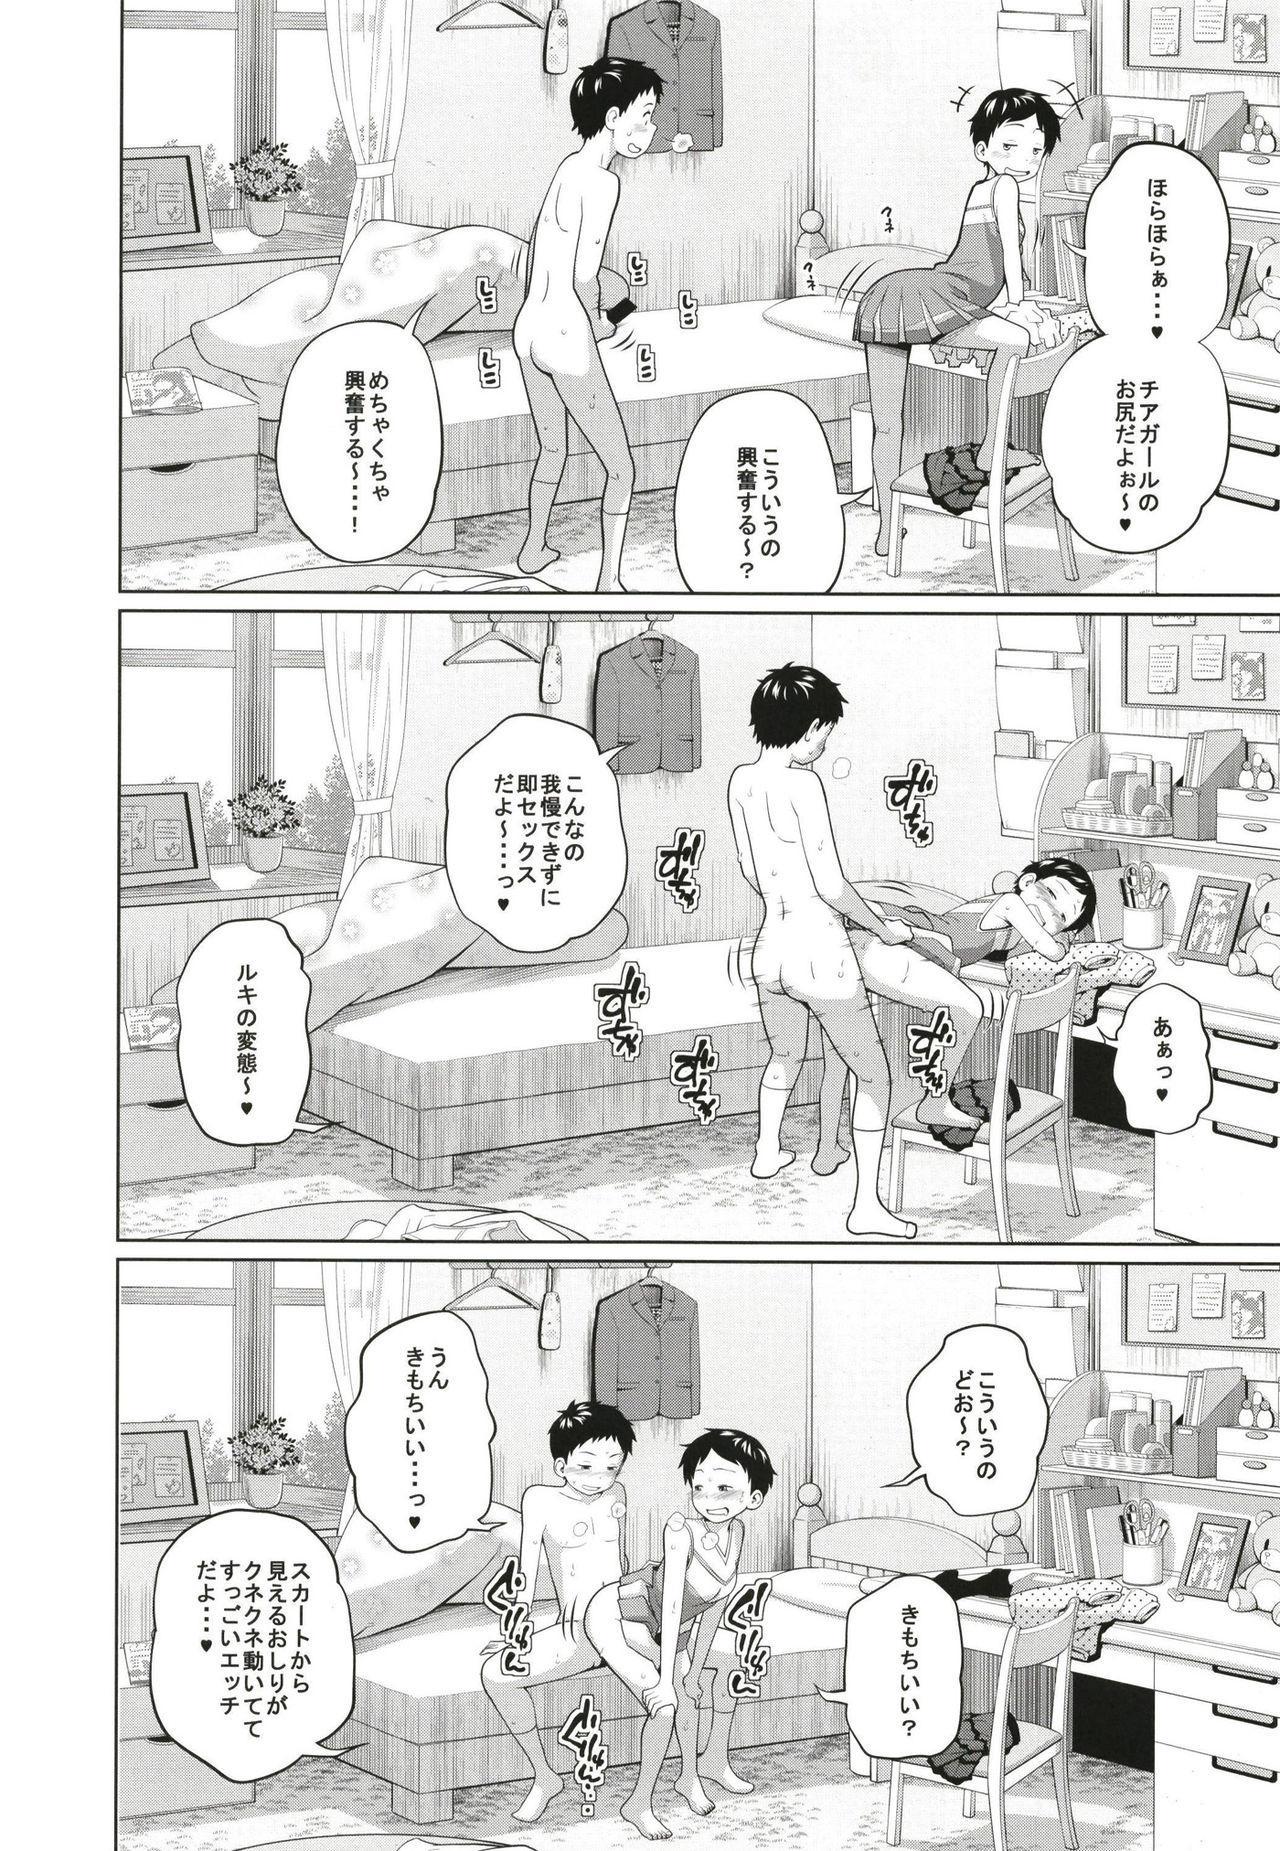 Kono Naka ni Kinshin Soukan Shiteiru Musume ga 3-nin Imasu #3 15